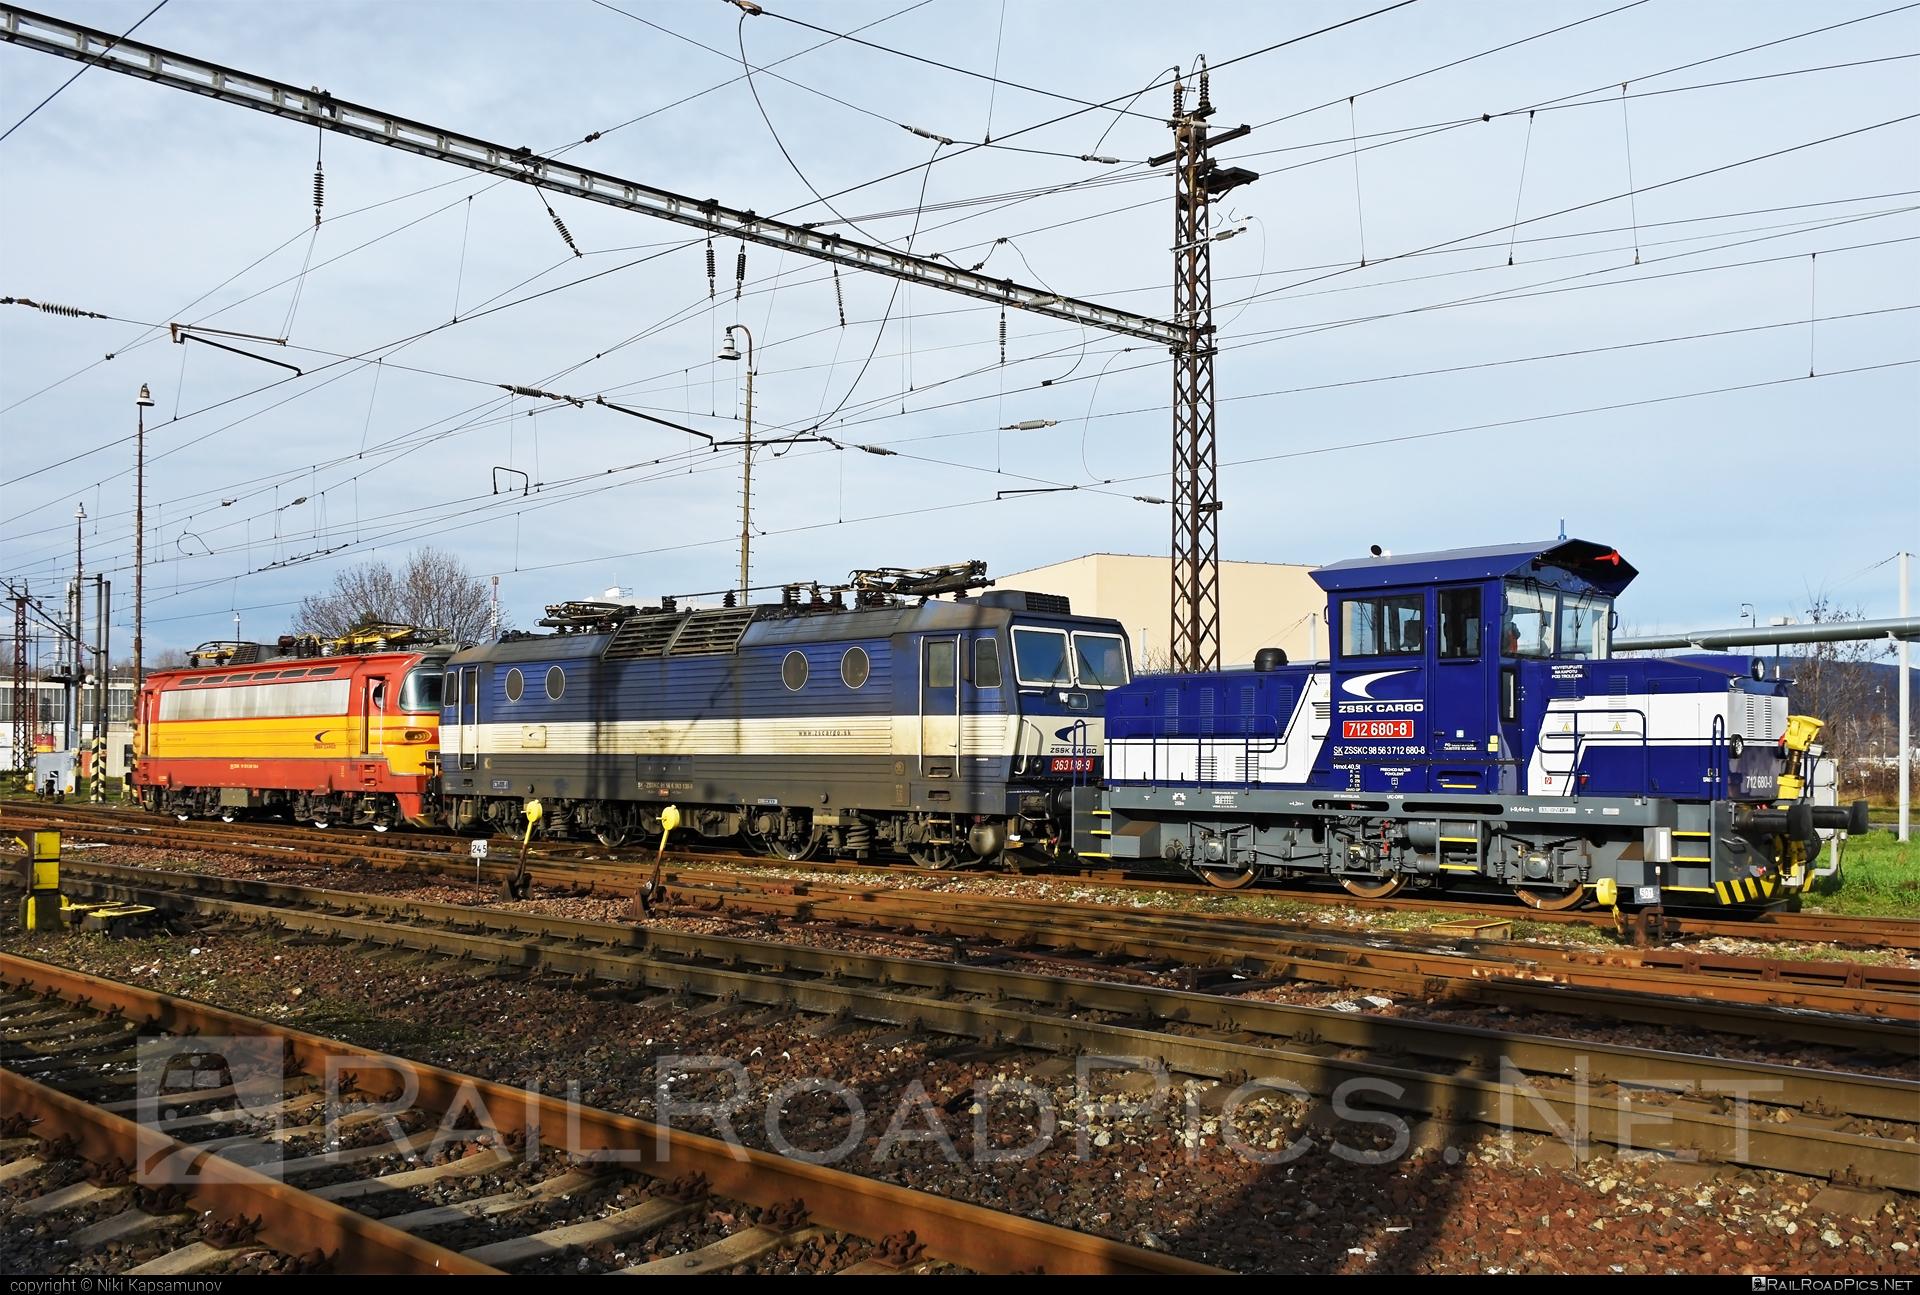 ŽOS Zvolen Class 712 - 712 680-8 operated by Železničná Spoločnost' Cargo Slovakia a.s. #ZeleznicnaSpolocnostCargoSlovakia #locomotive712 #zoszvolen #zoszvolen712 #zsskcargo